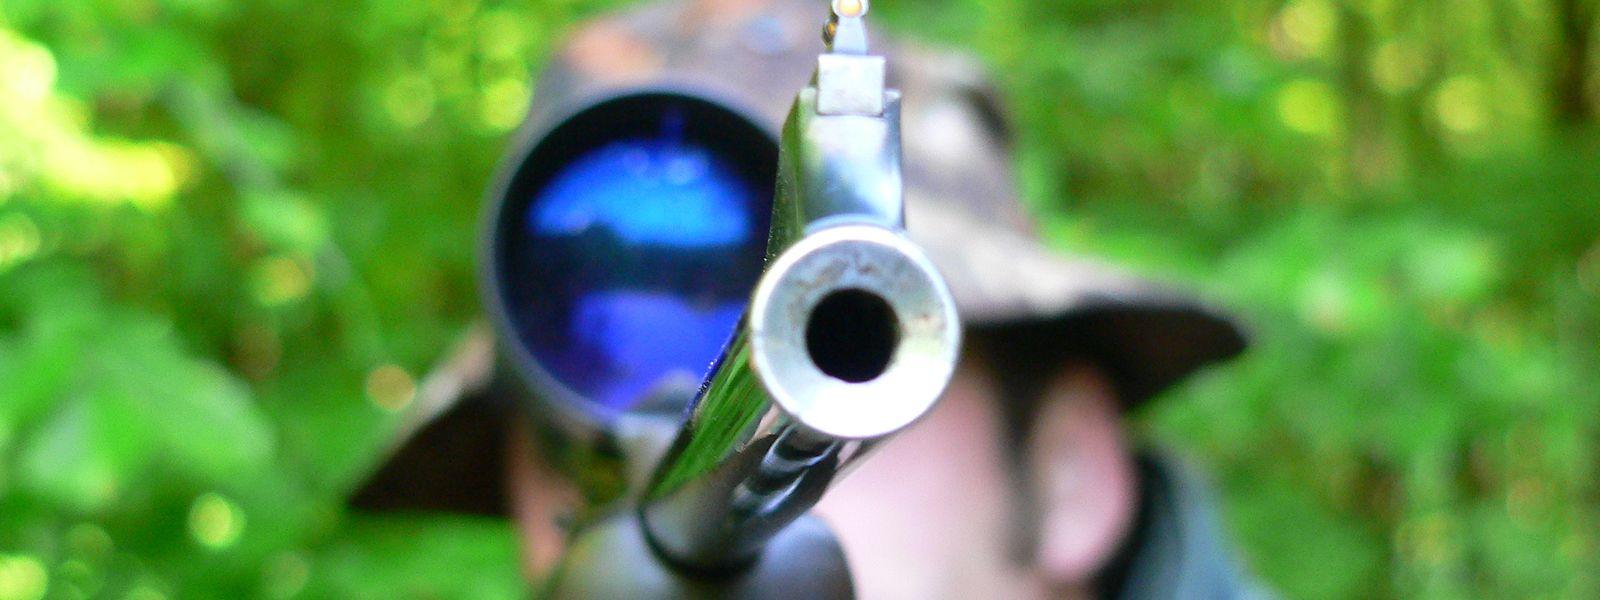 Seit geraumer Zeit schon fühlt sich die Jägerschaft in Luxemburg in immer unerträglicherem Maße von Jagdgegnern und Tierrechtlern öffentlich ins Visier genommen.